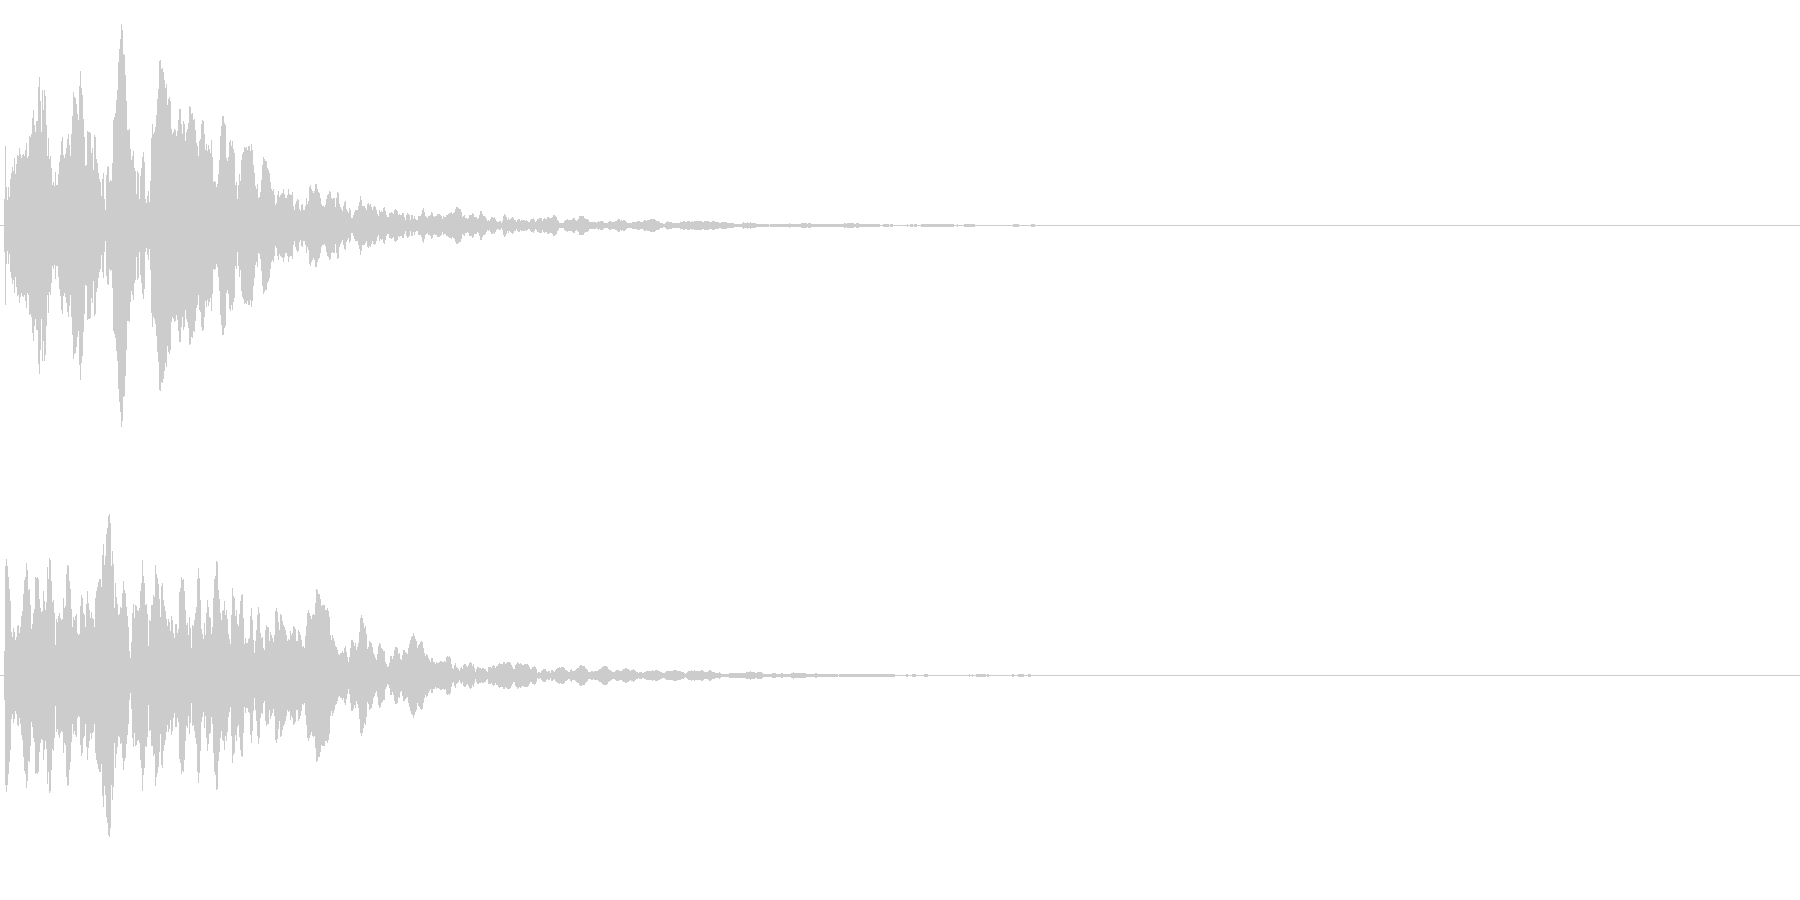 ゲームスタート、決定、ボタン音-023の未再生の波形